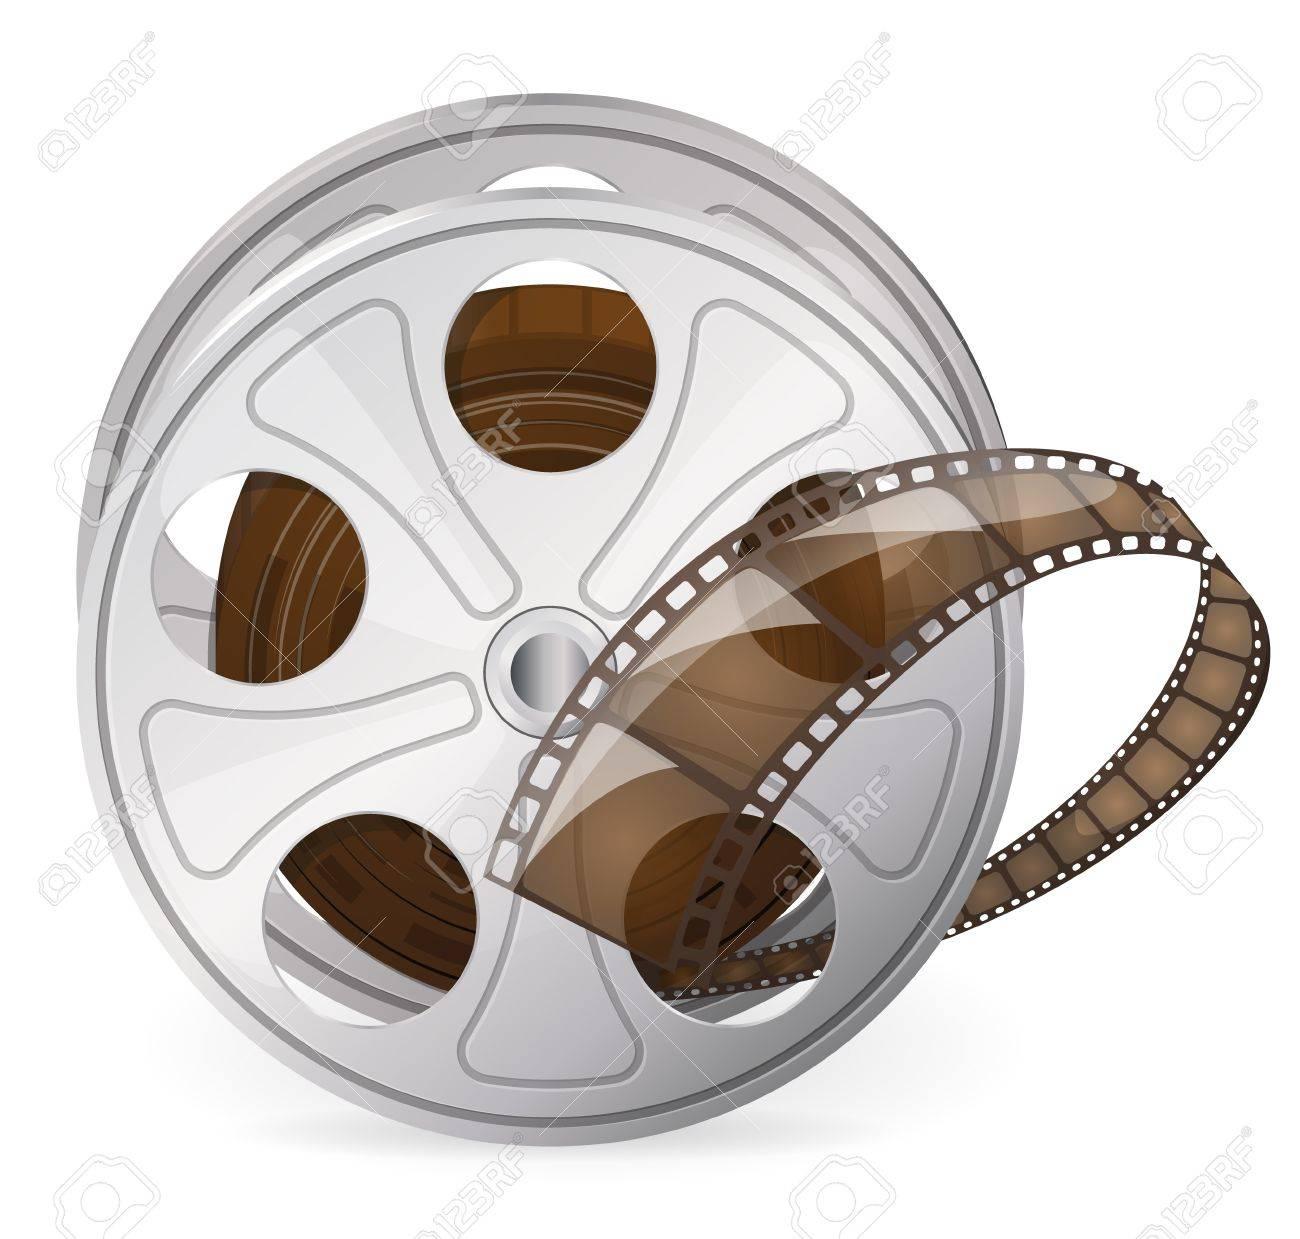 Vintage reel of movie tape Stock Vector - 17571380